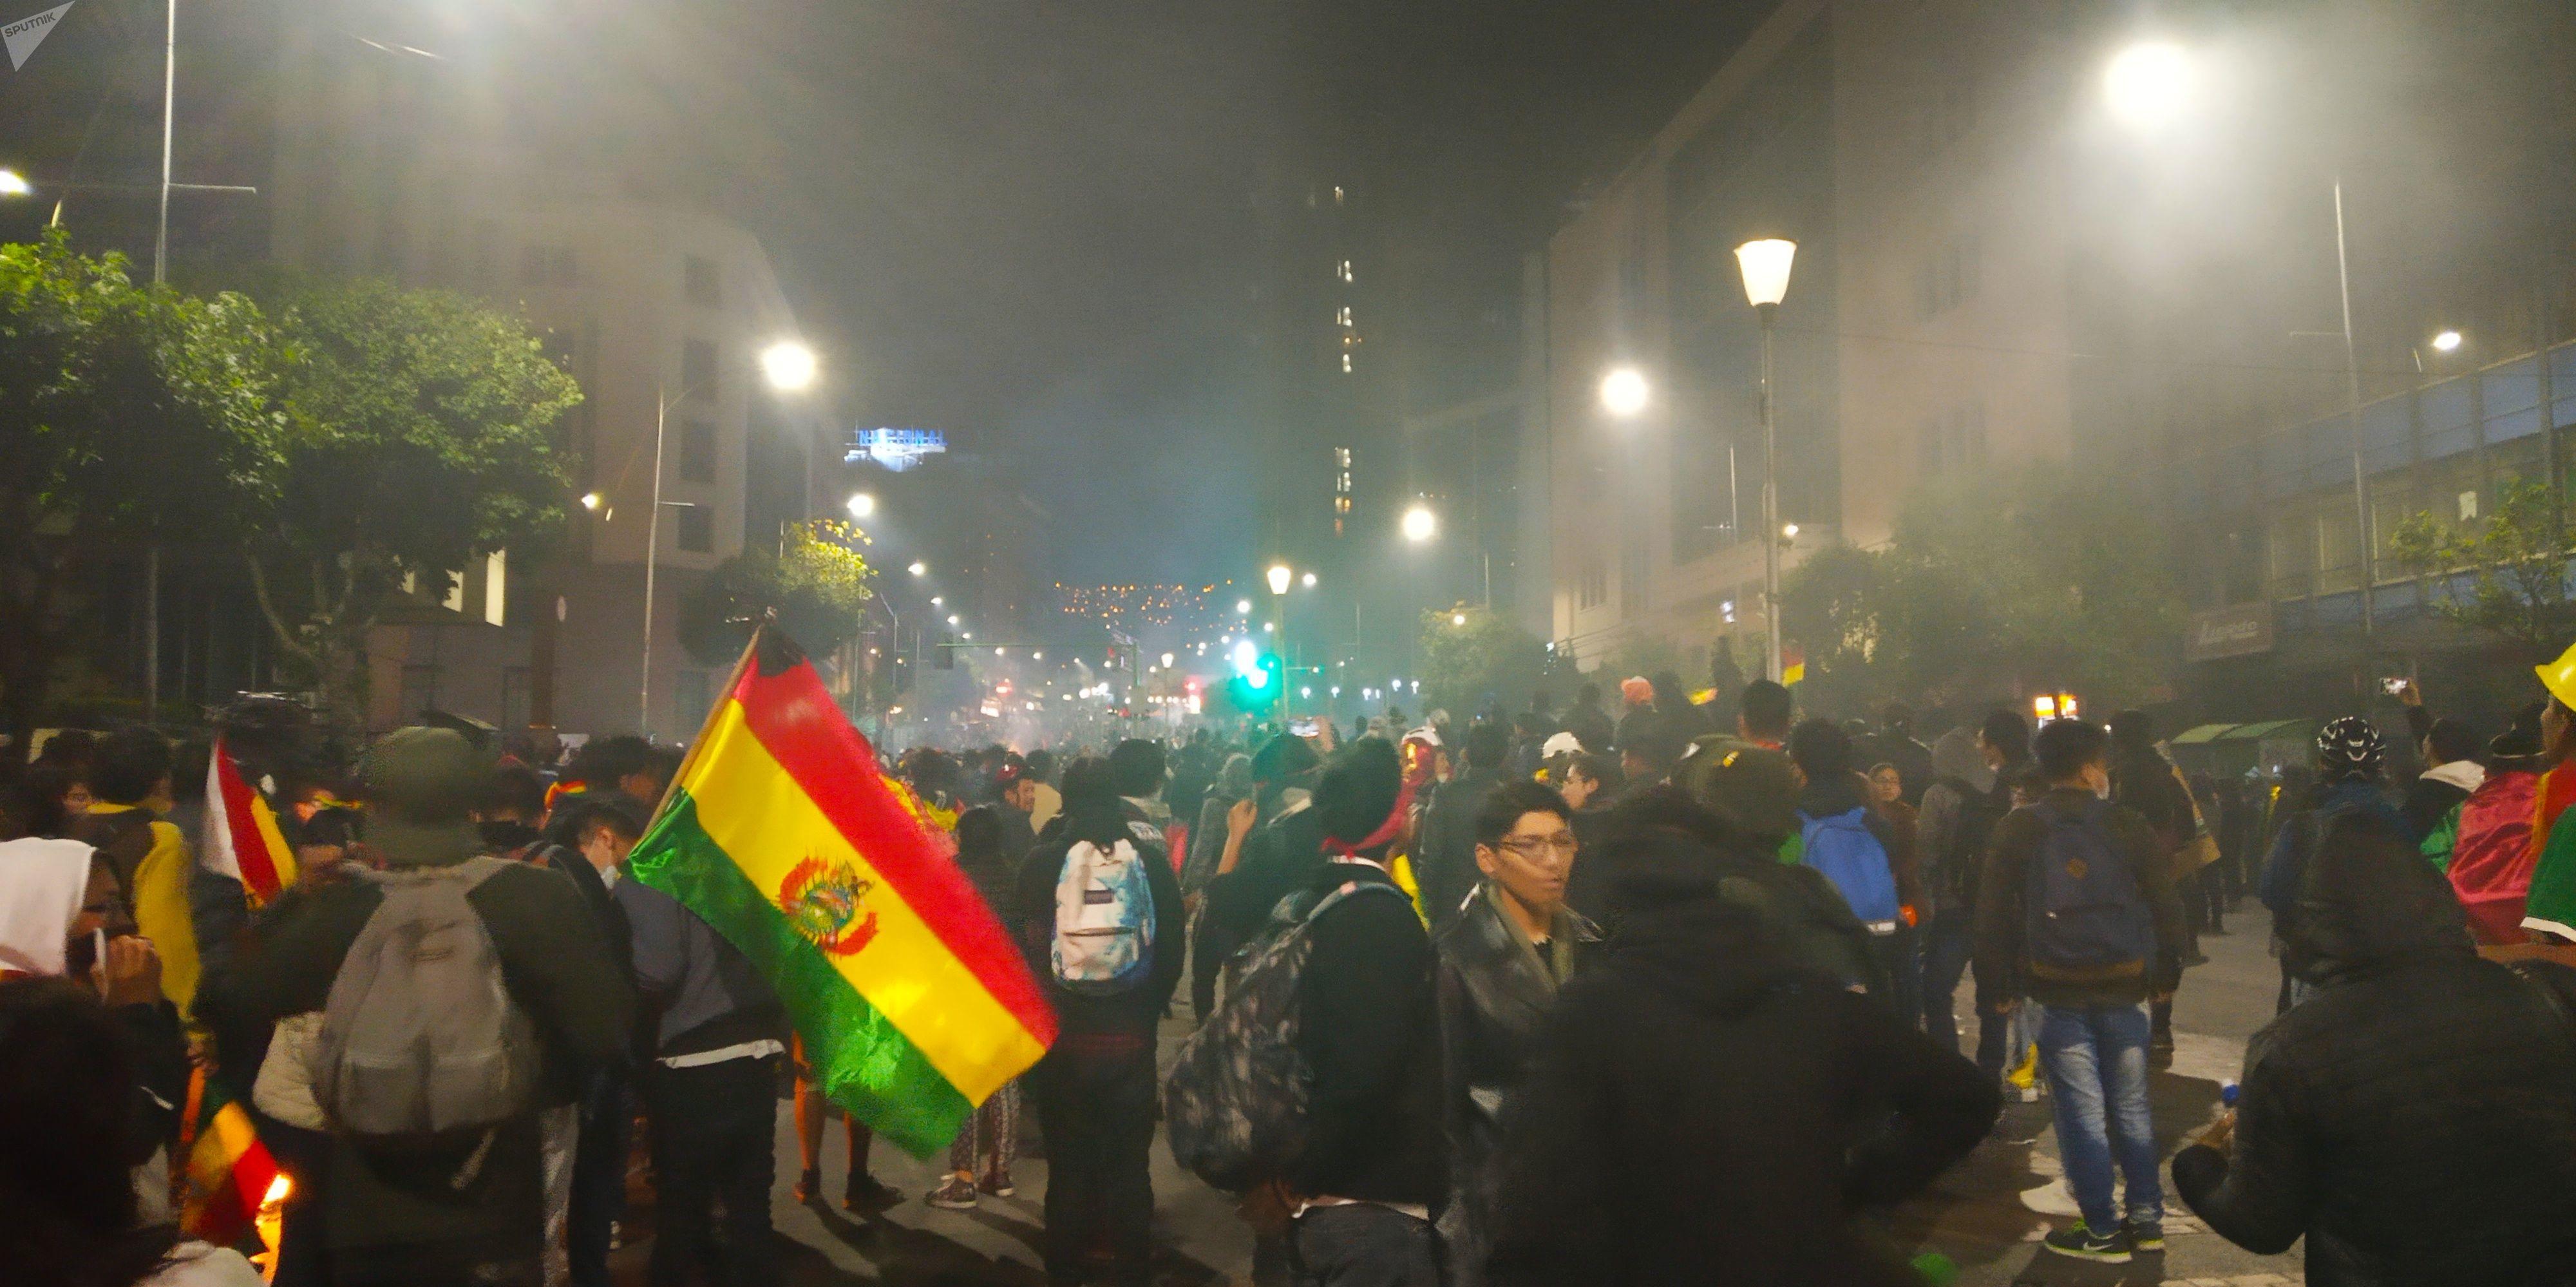 Cabildo convocado por la oposición a Evo Morales en La Paz